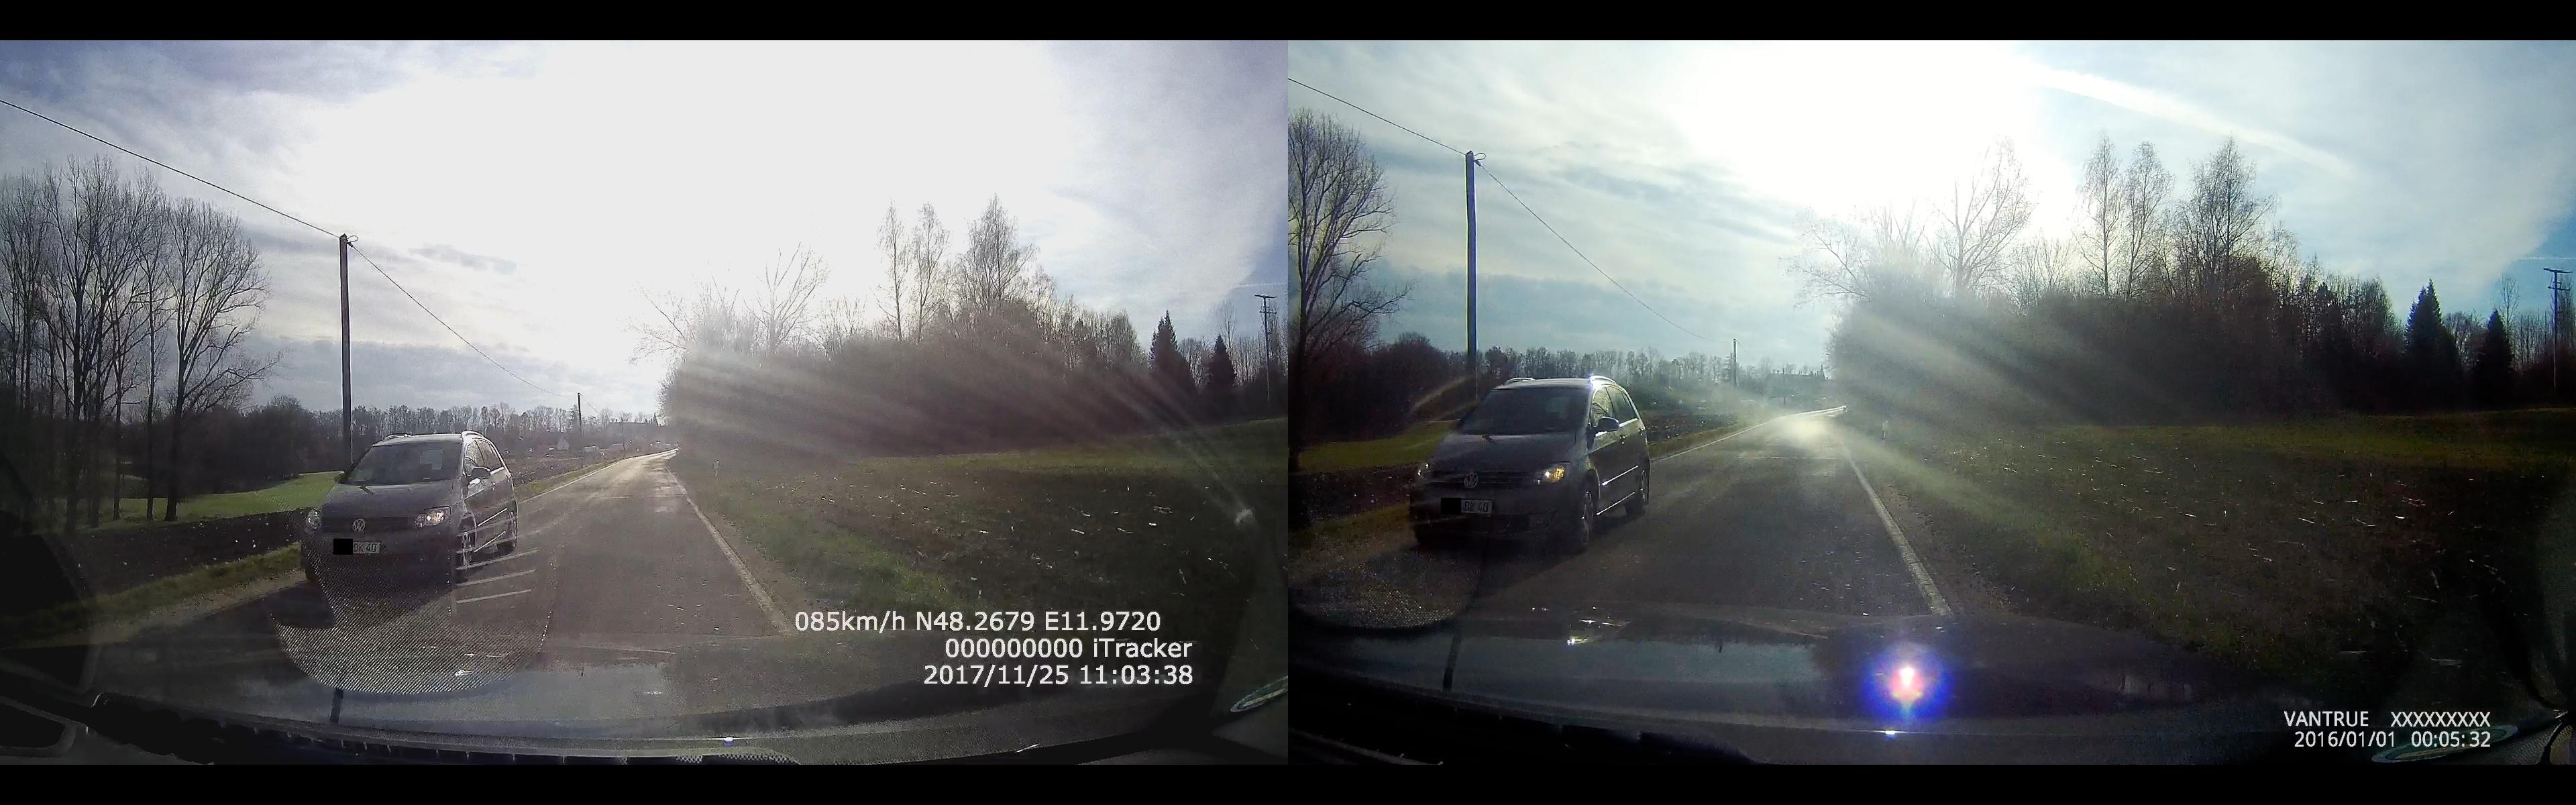 iTracker GS6000-A7 vs. Vantrue X3 - Vergleich der Bildqualität 2